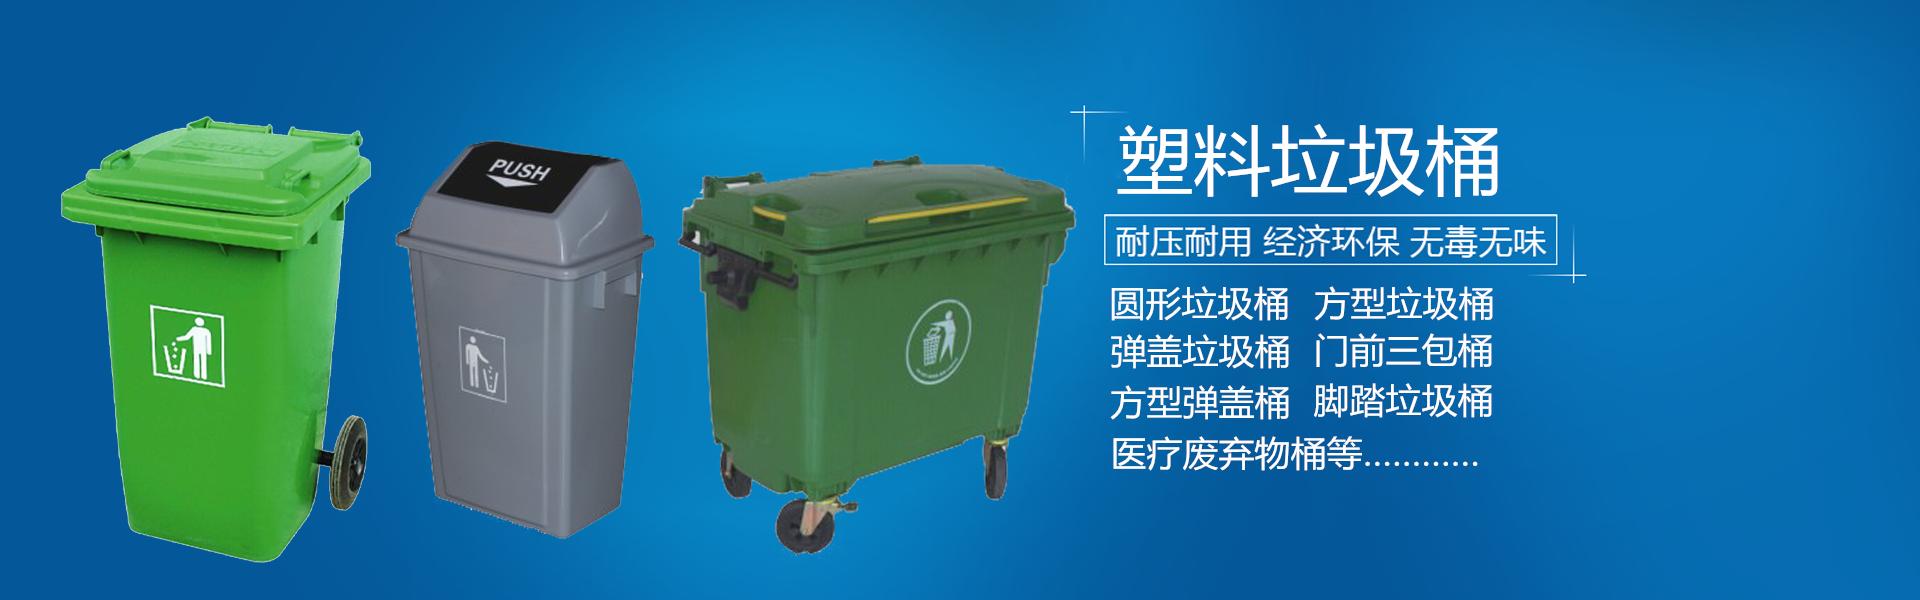 武汉瑞美佳网站首页大图-武汉塑料垃圾桶